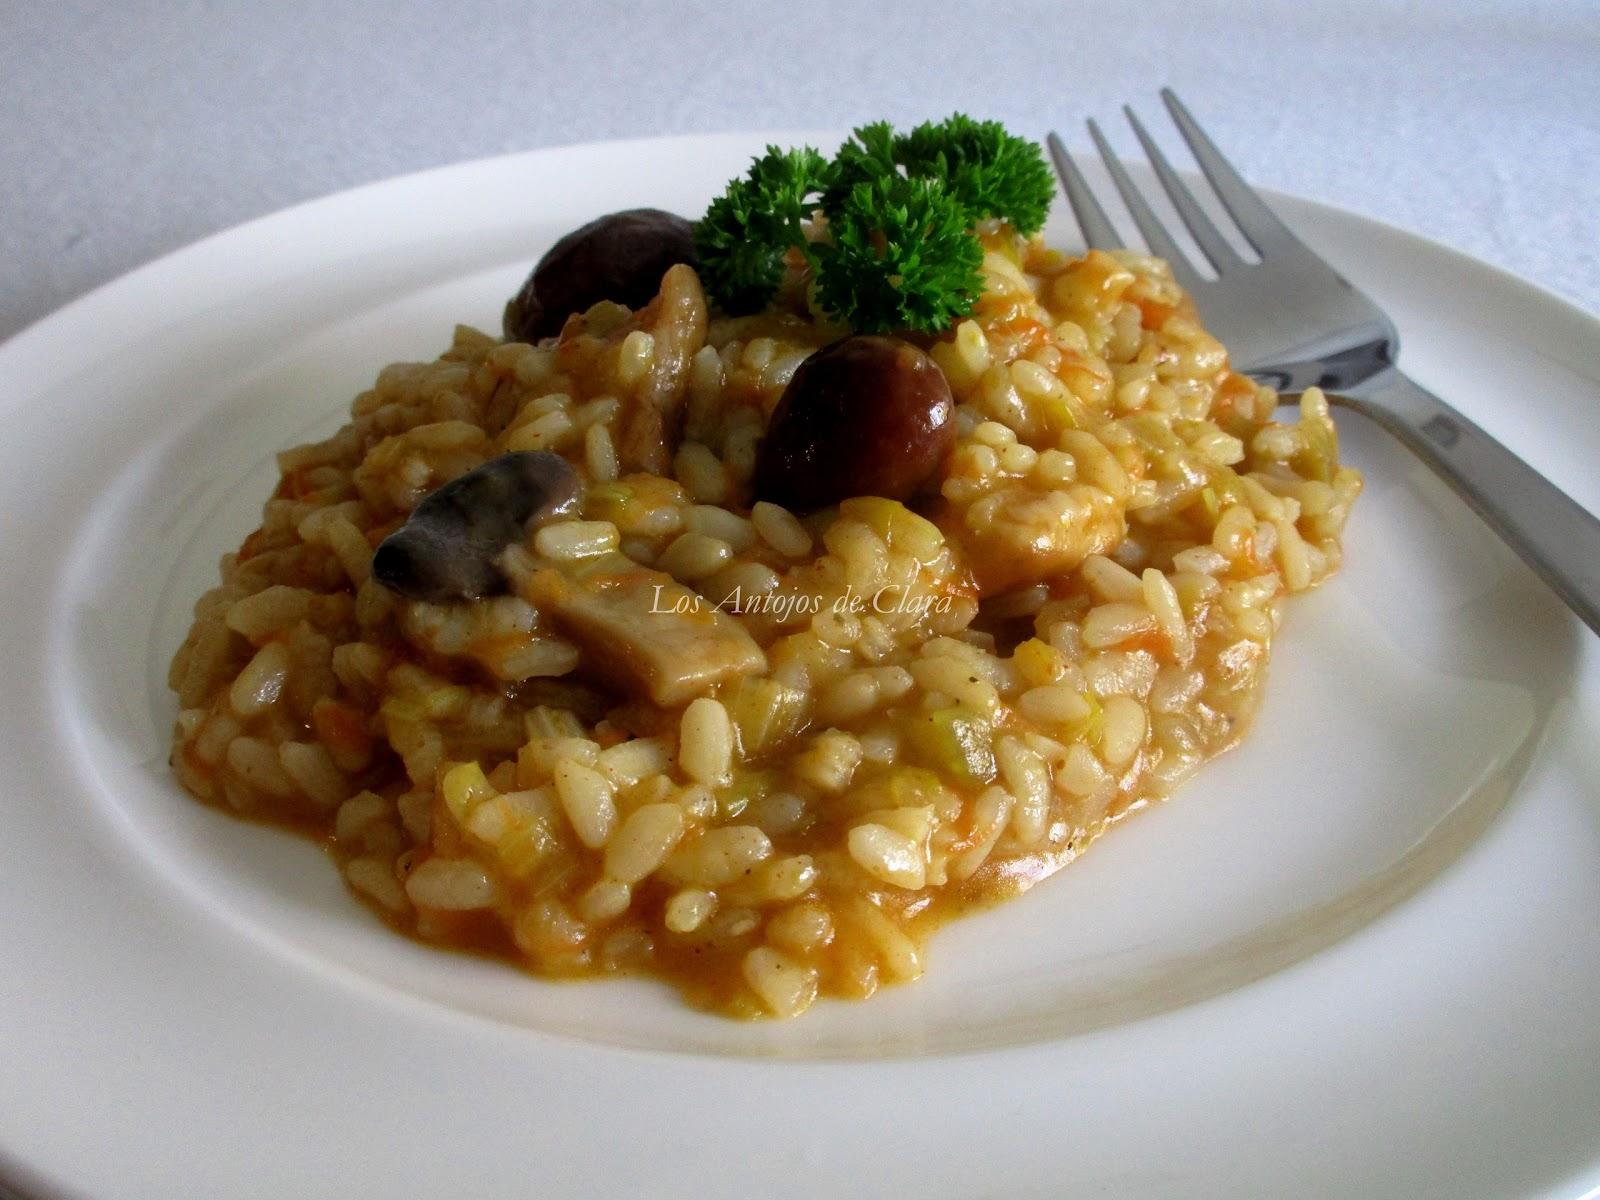 Los antojos de clara arroz meloso con setas y verduras - Arroz con pescado y verduras ...